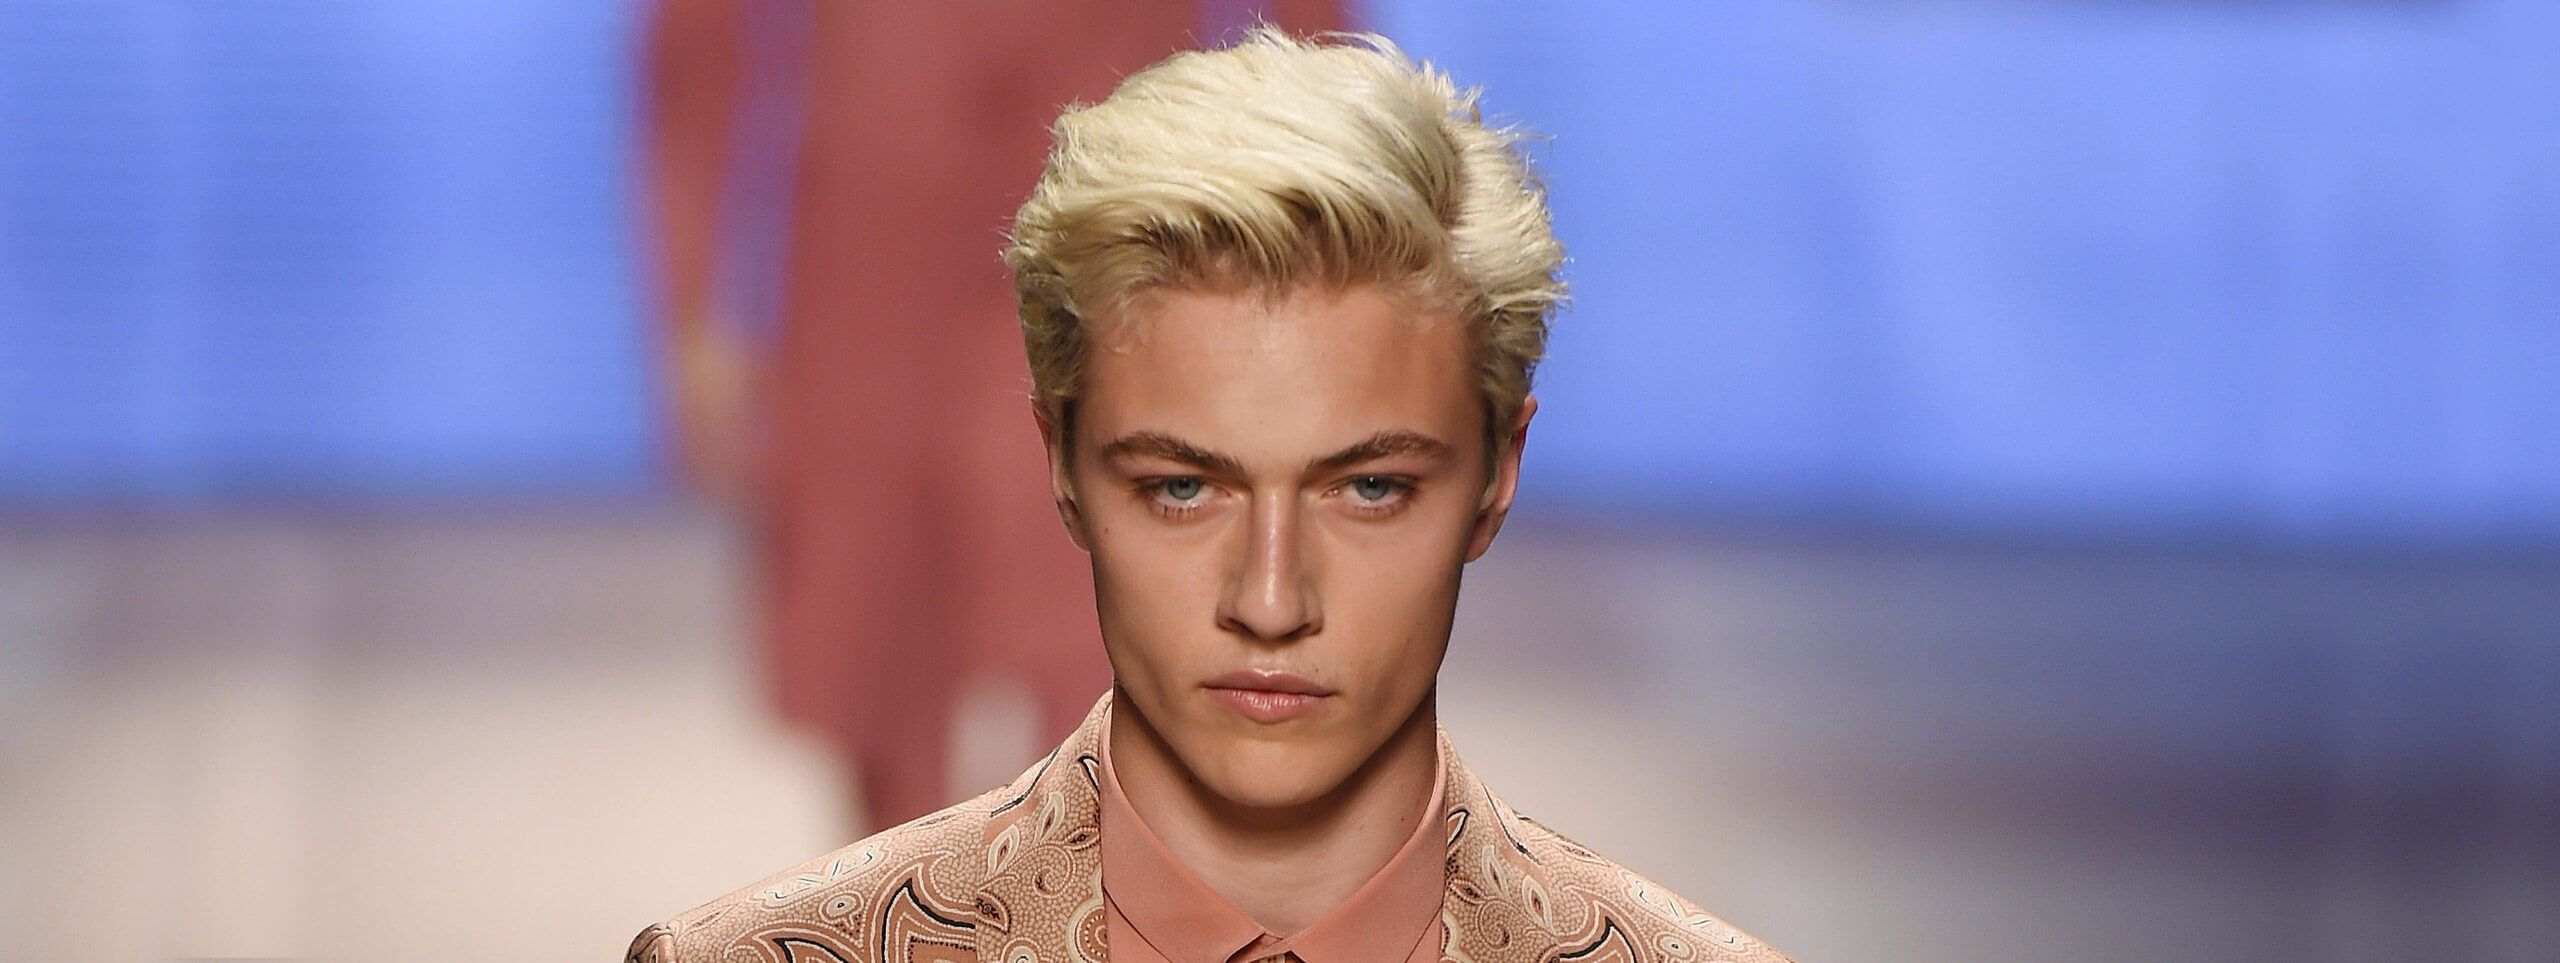 Modello Milano moda uomo taglio biondo trend